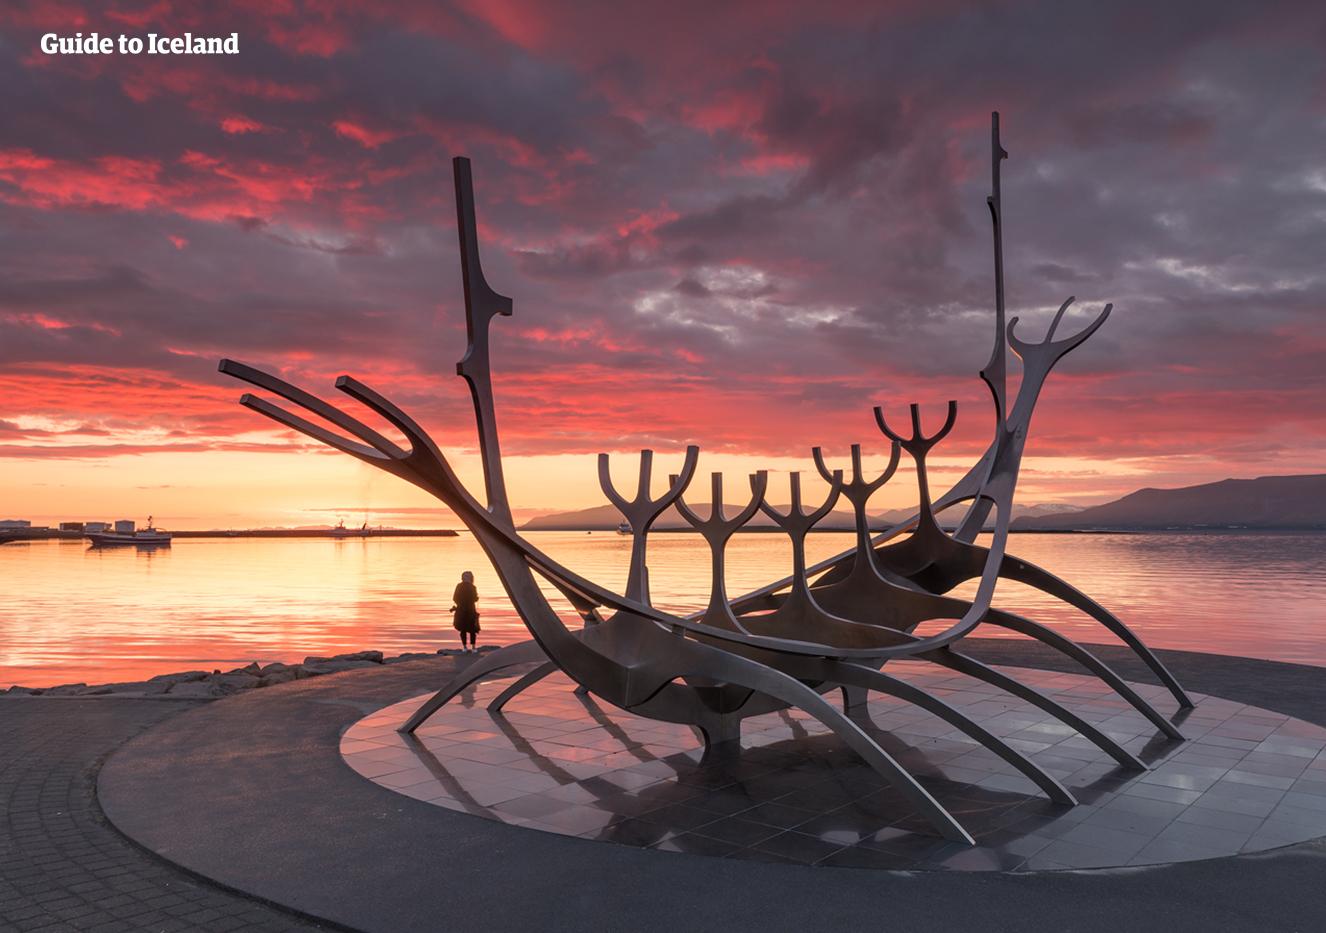 선 보야저는 레이캬비크에 설치된 예술조형물로 그 가치를 논할 수 없을 만큼 값진 아이슬란드 수도의 자산입니다.